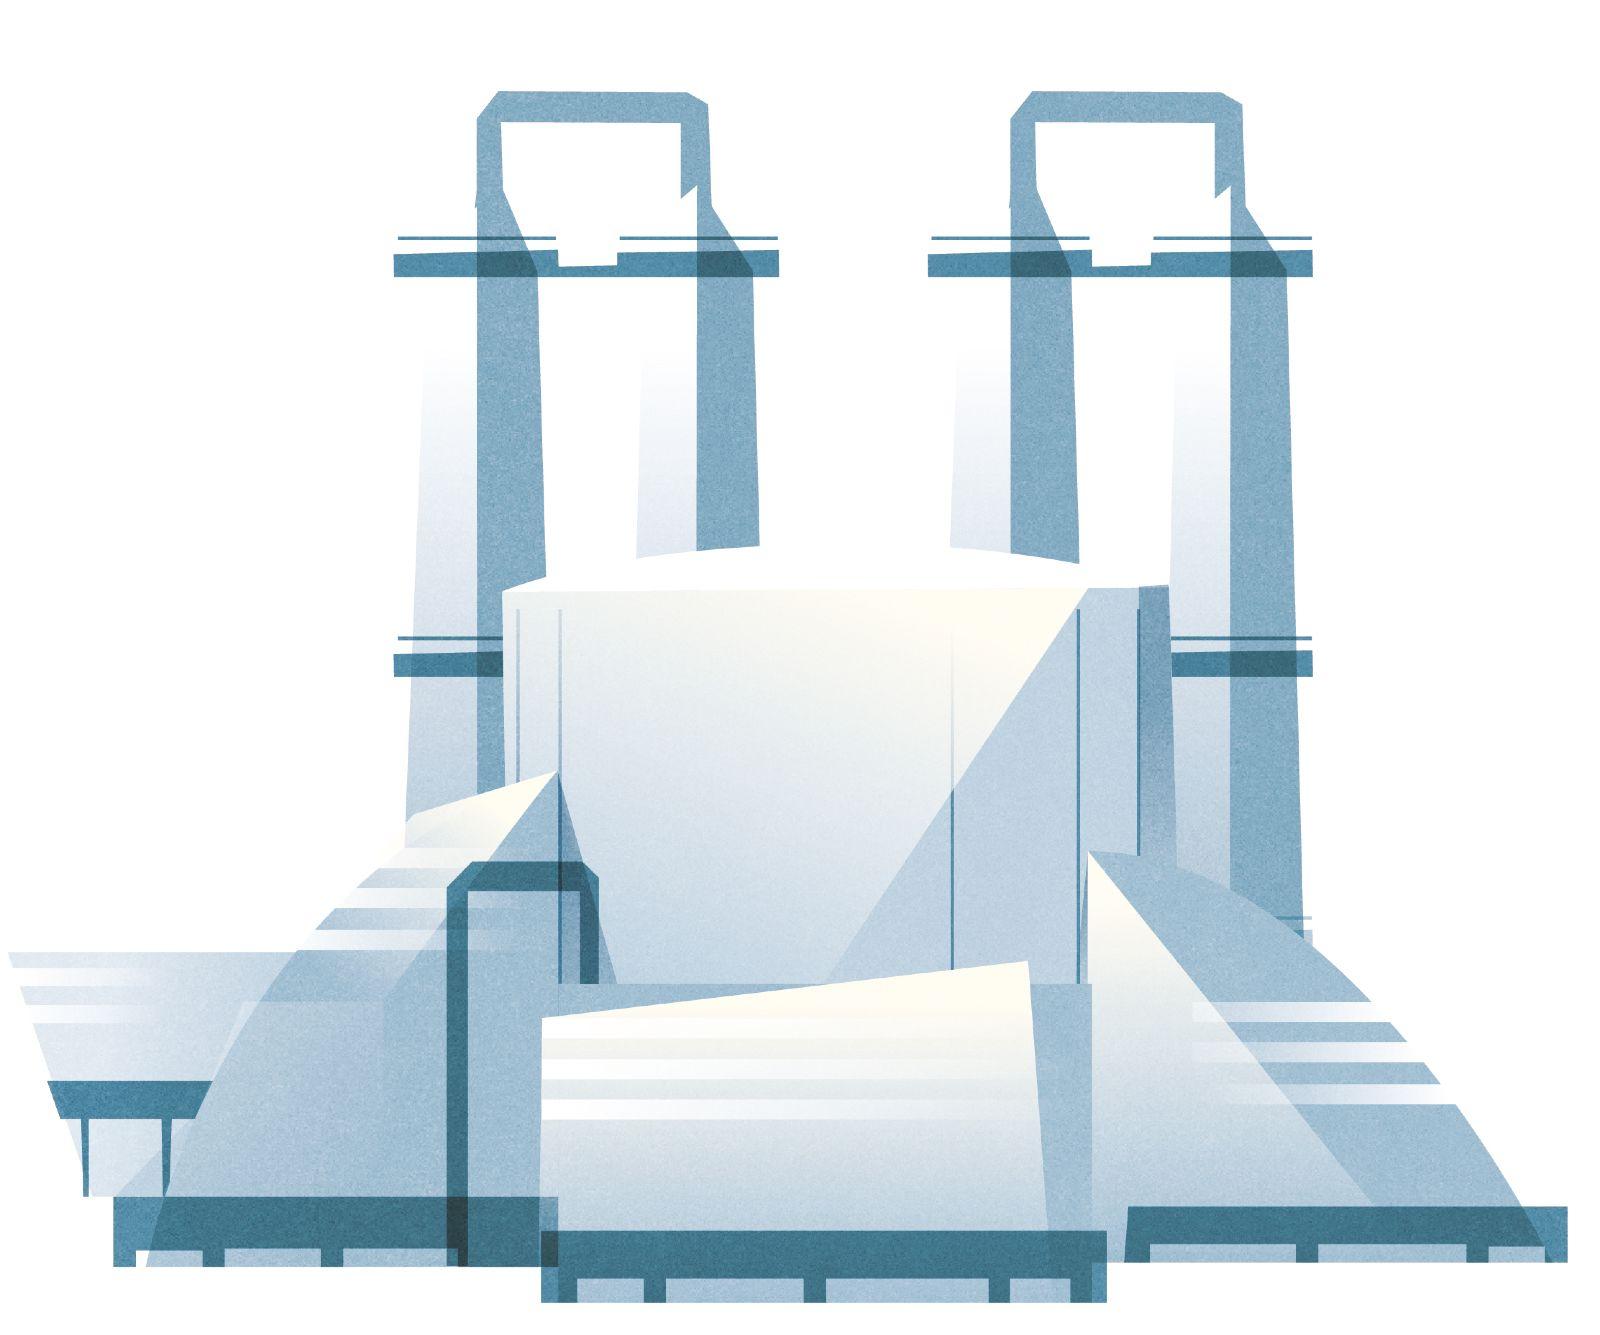 Das Bild zeigt ein Chemiewerk.